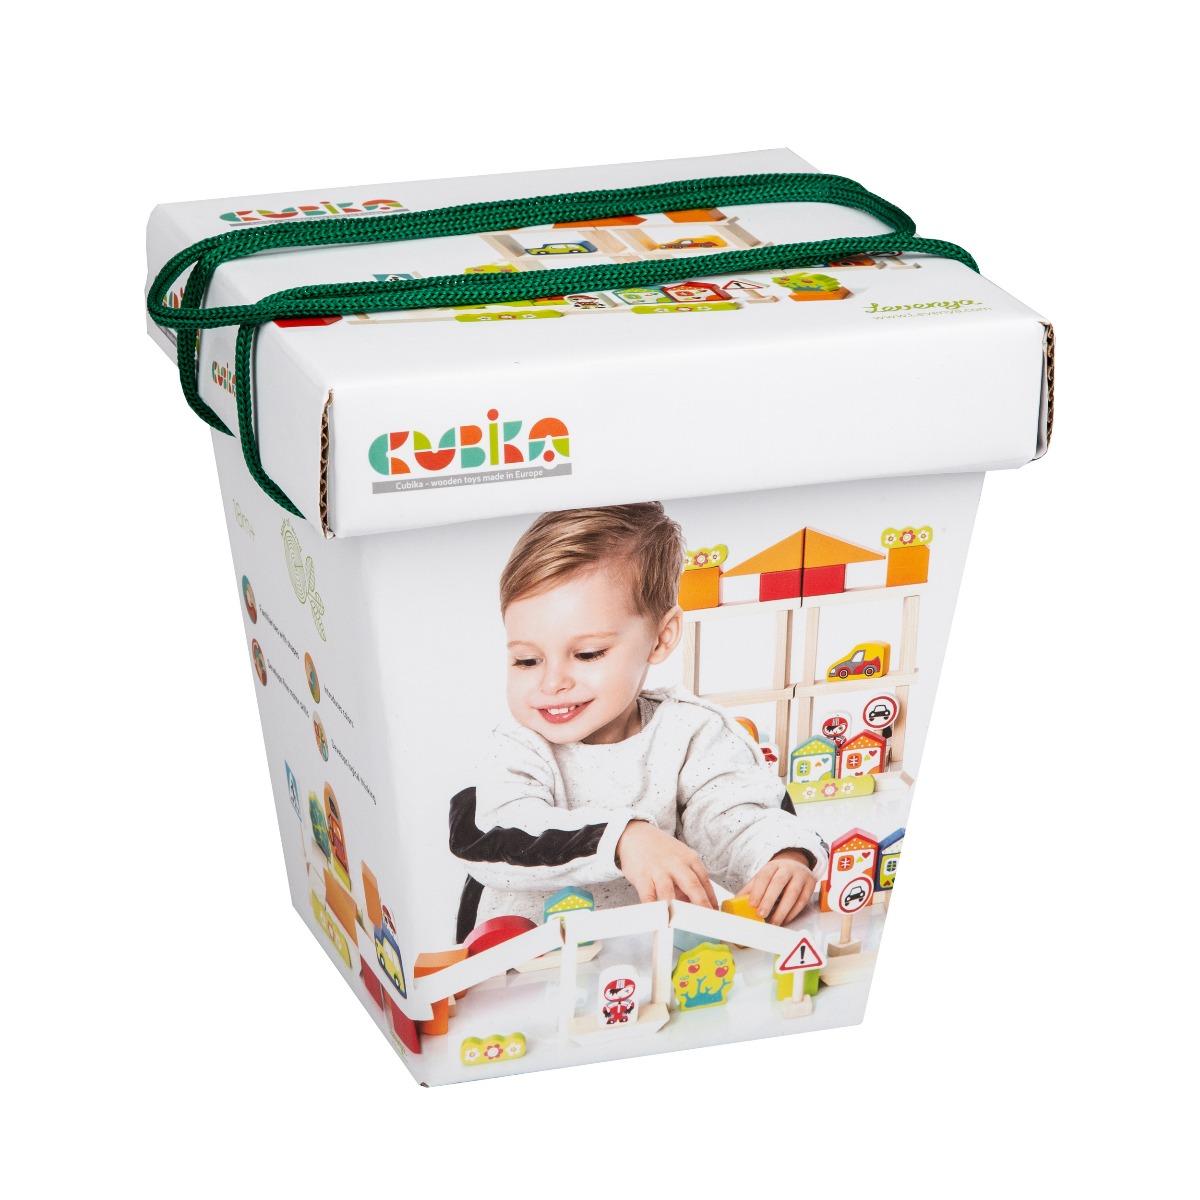 Jucarie Din Lemn, Cubika - Kit De Constructie Pentru Baietei